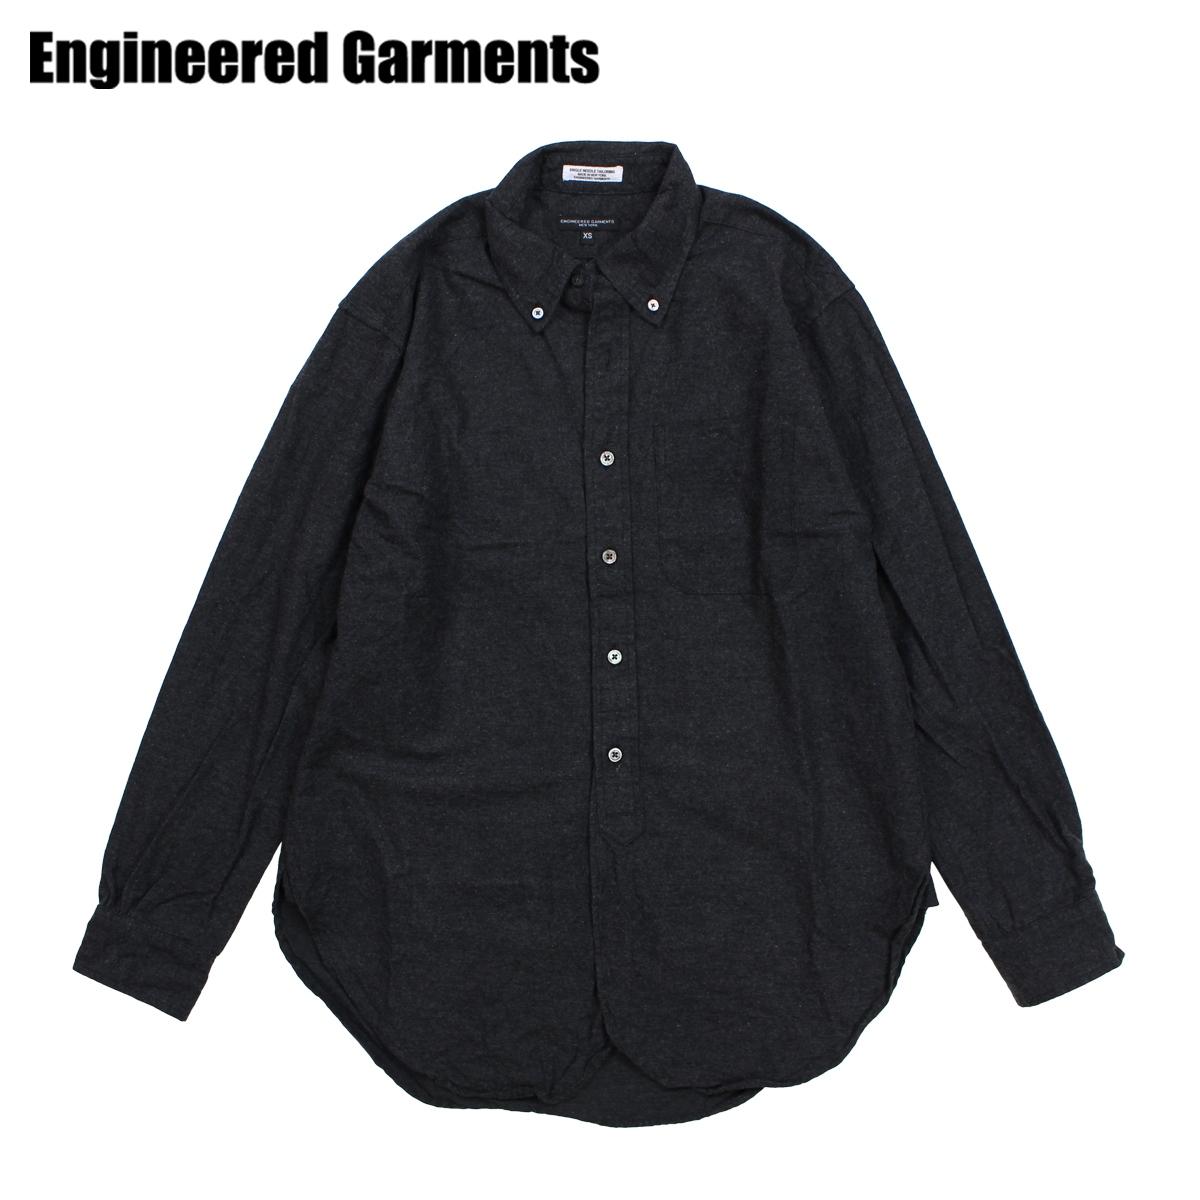 エンジニアドガーメンツ ENGINEERED GARMENTS シャツ メンズ 長袖 オックスフォードシャツ 19 CENTURY BUTTON DOWN SHIRT チャコール F8A0139 [11/6 新入荷]